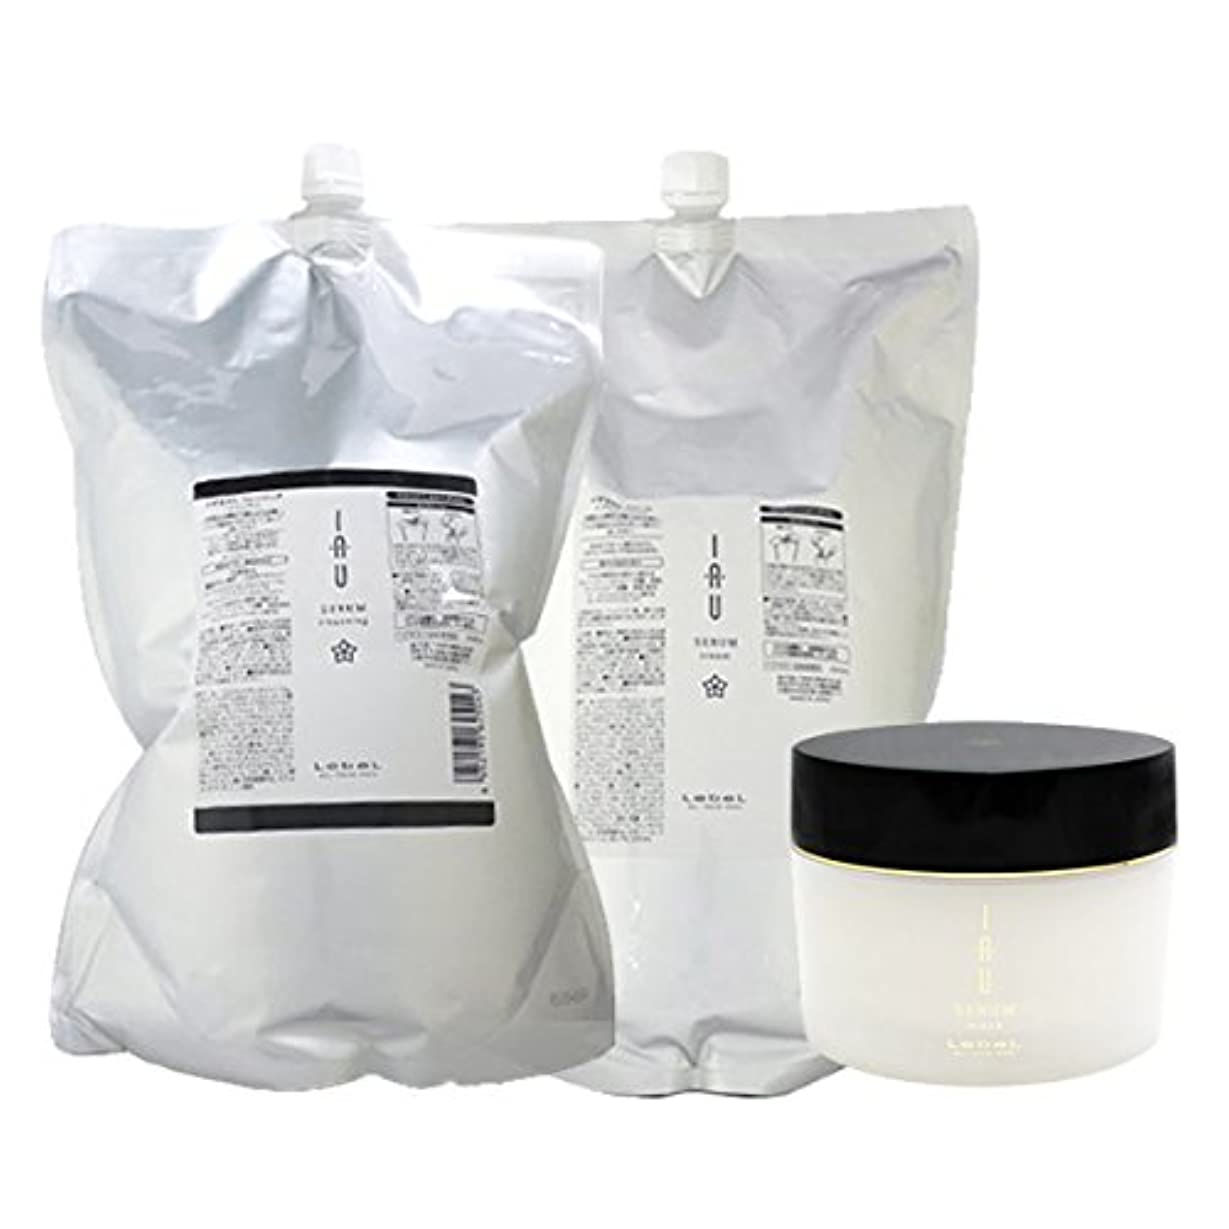 活発グリースどこにもルベル イオ セラム クレンジング(シャンプー) 2500mL + クリーム(トリートメント) 2500mL + マスク 170g 3点セット 詰め替え lebel iau serum